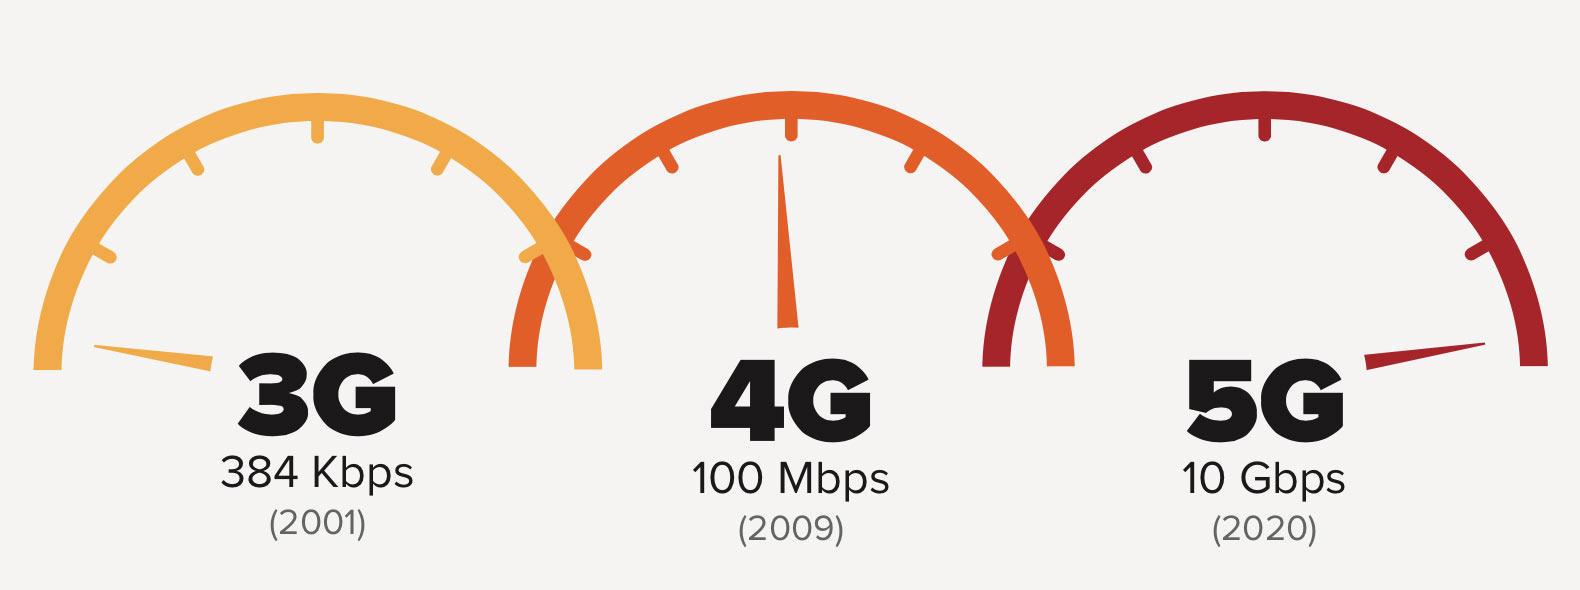 У природы нет плохих законов. Generation 5, или что же будет работать после LTE? - 1